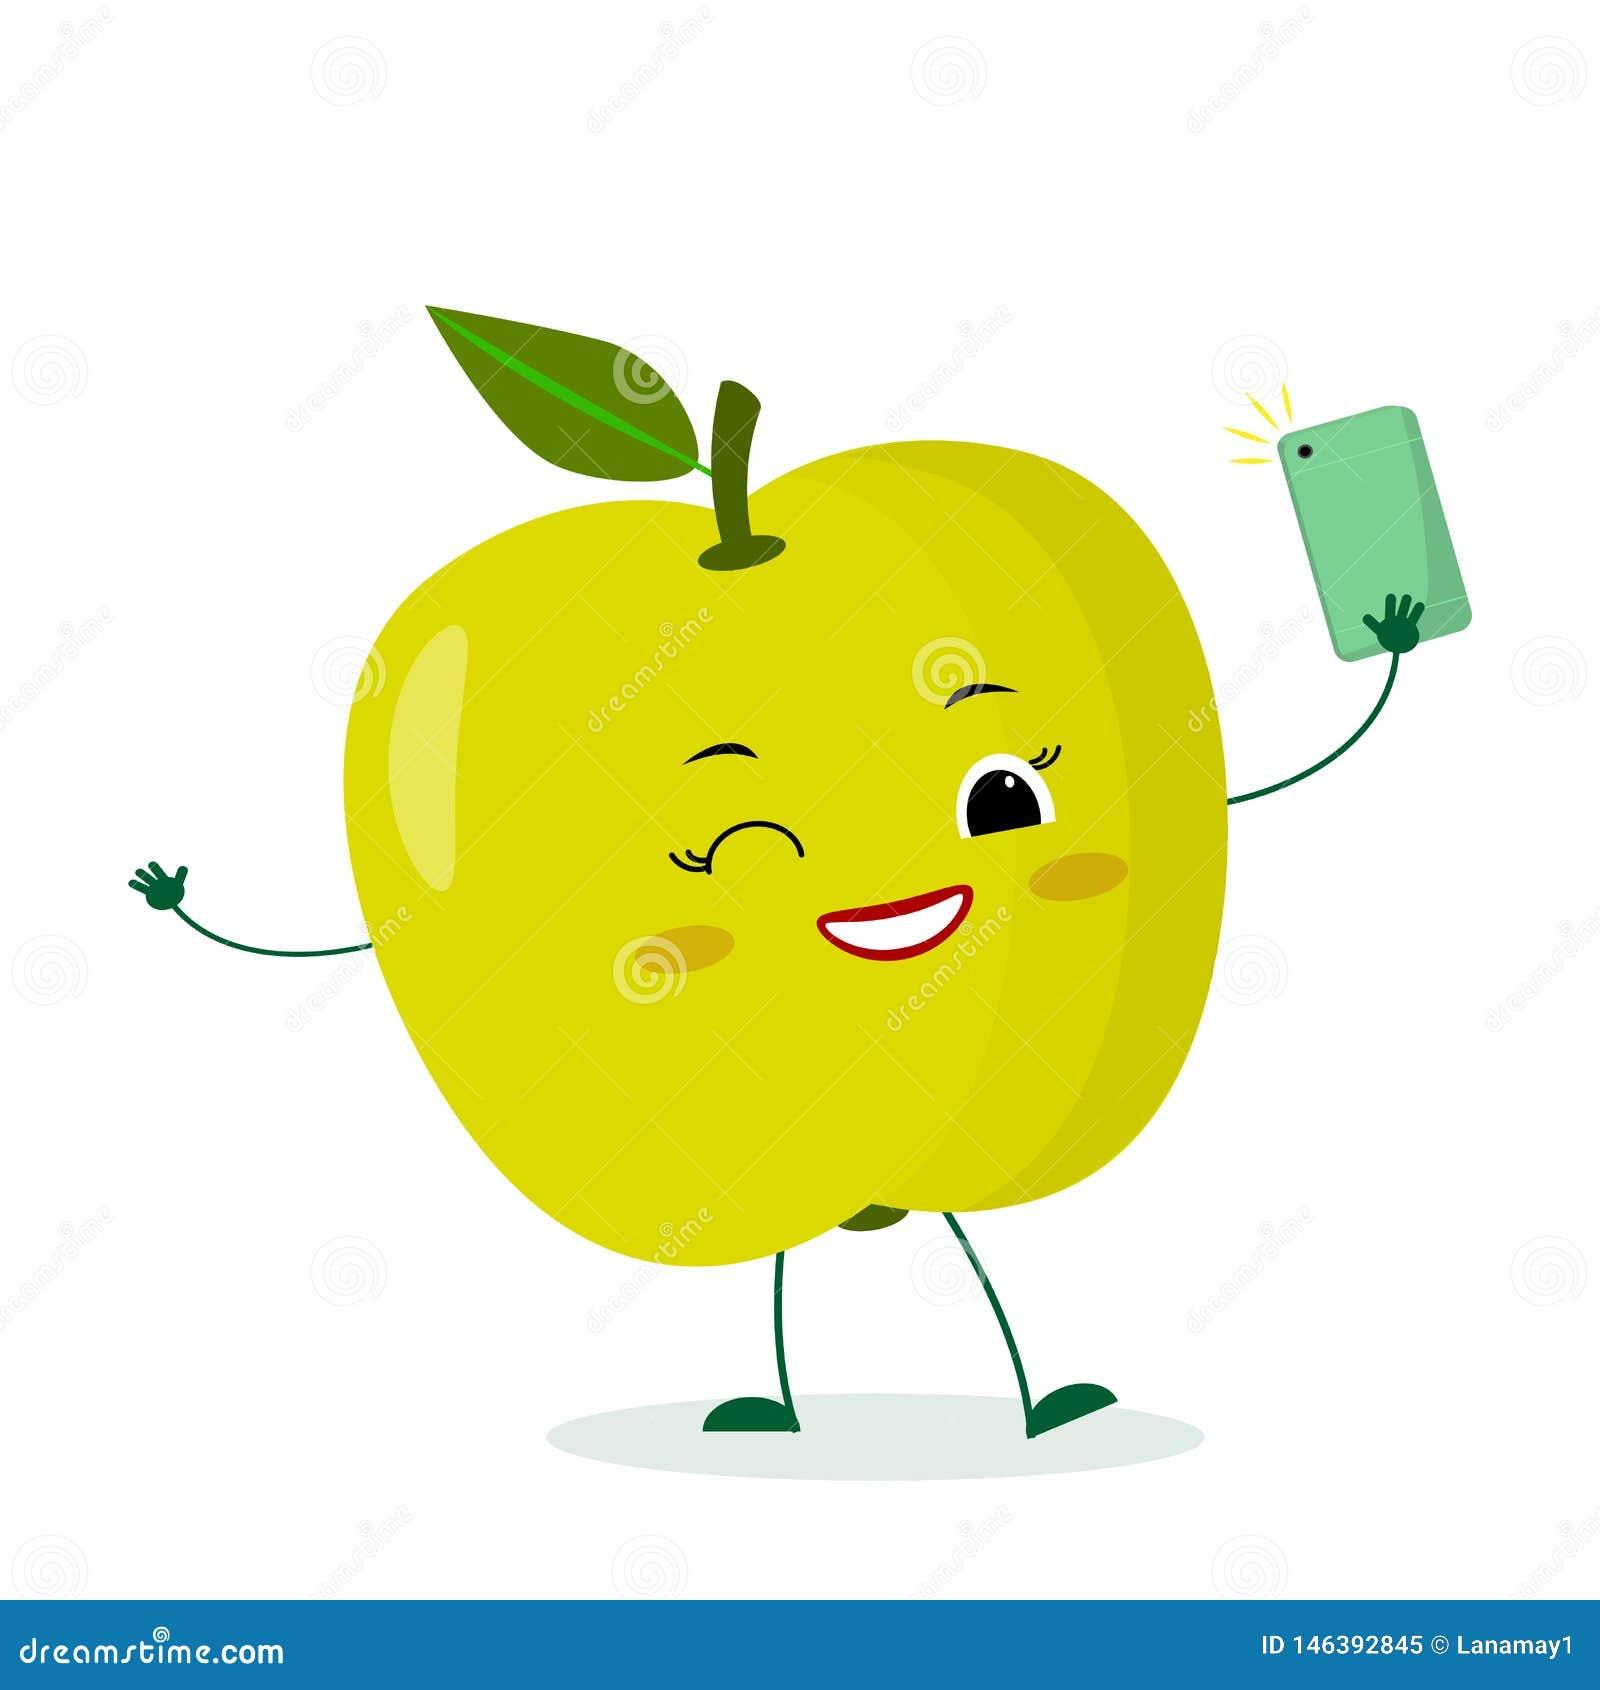 Le Personnage De Dessin Animé Vert Mignon De Fruit De Pomme